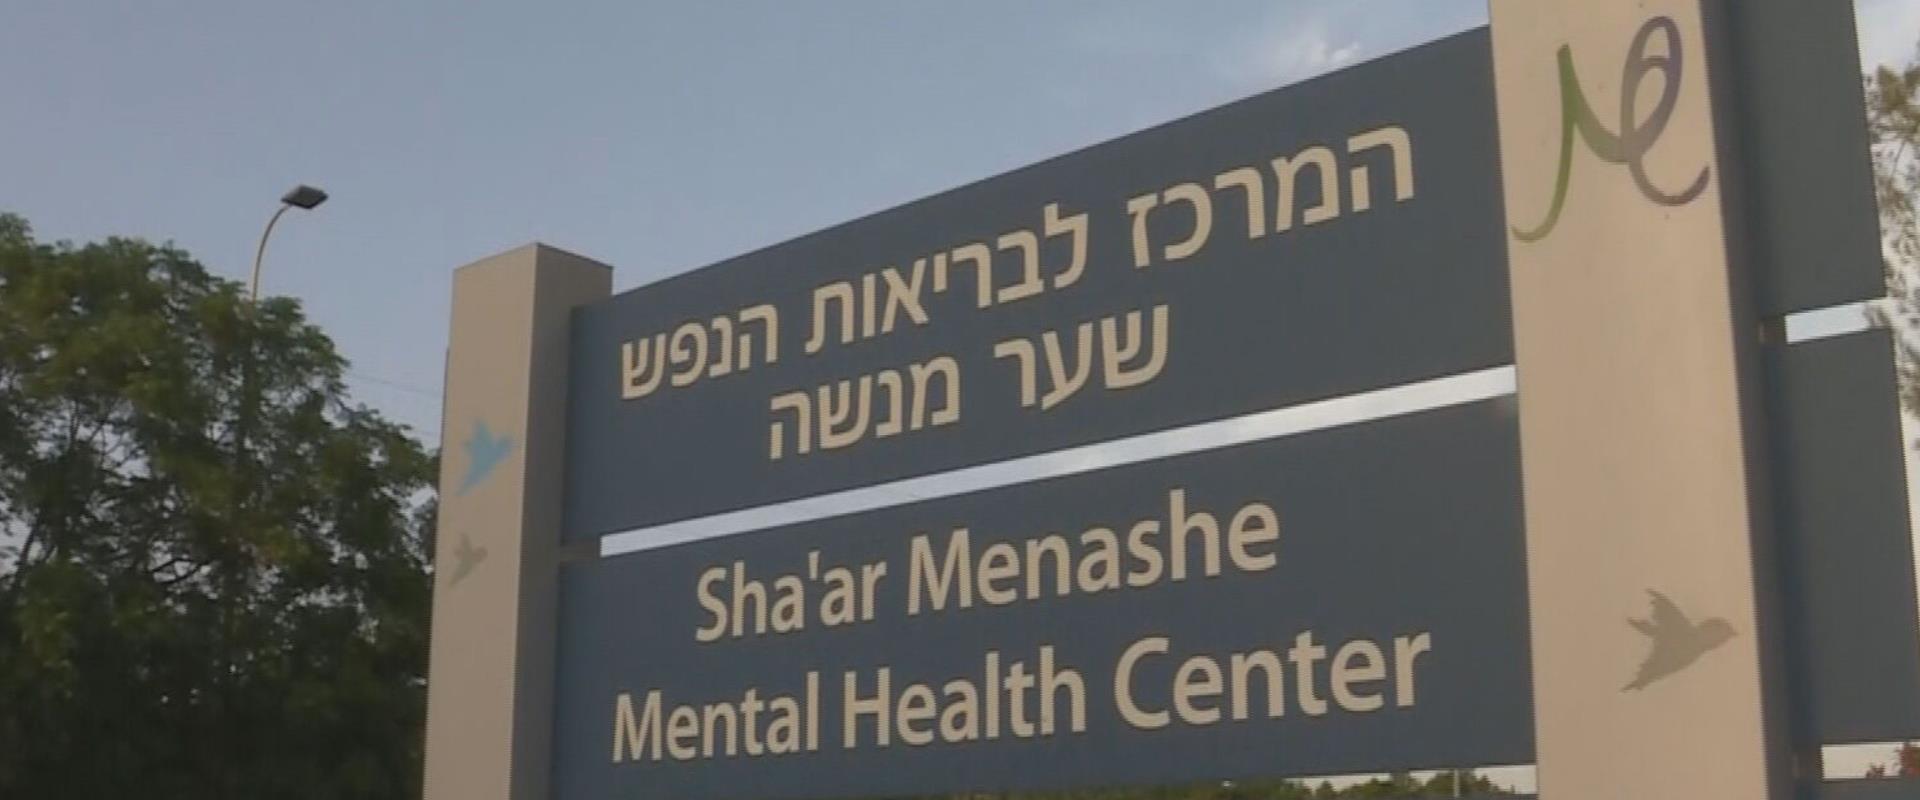 """המרכז לבריאות הנפש """"שער מנשה"""""""